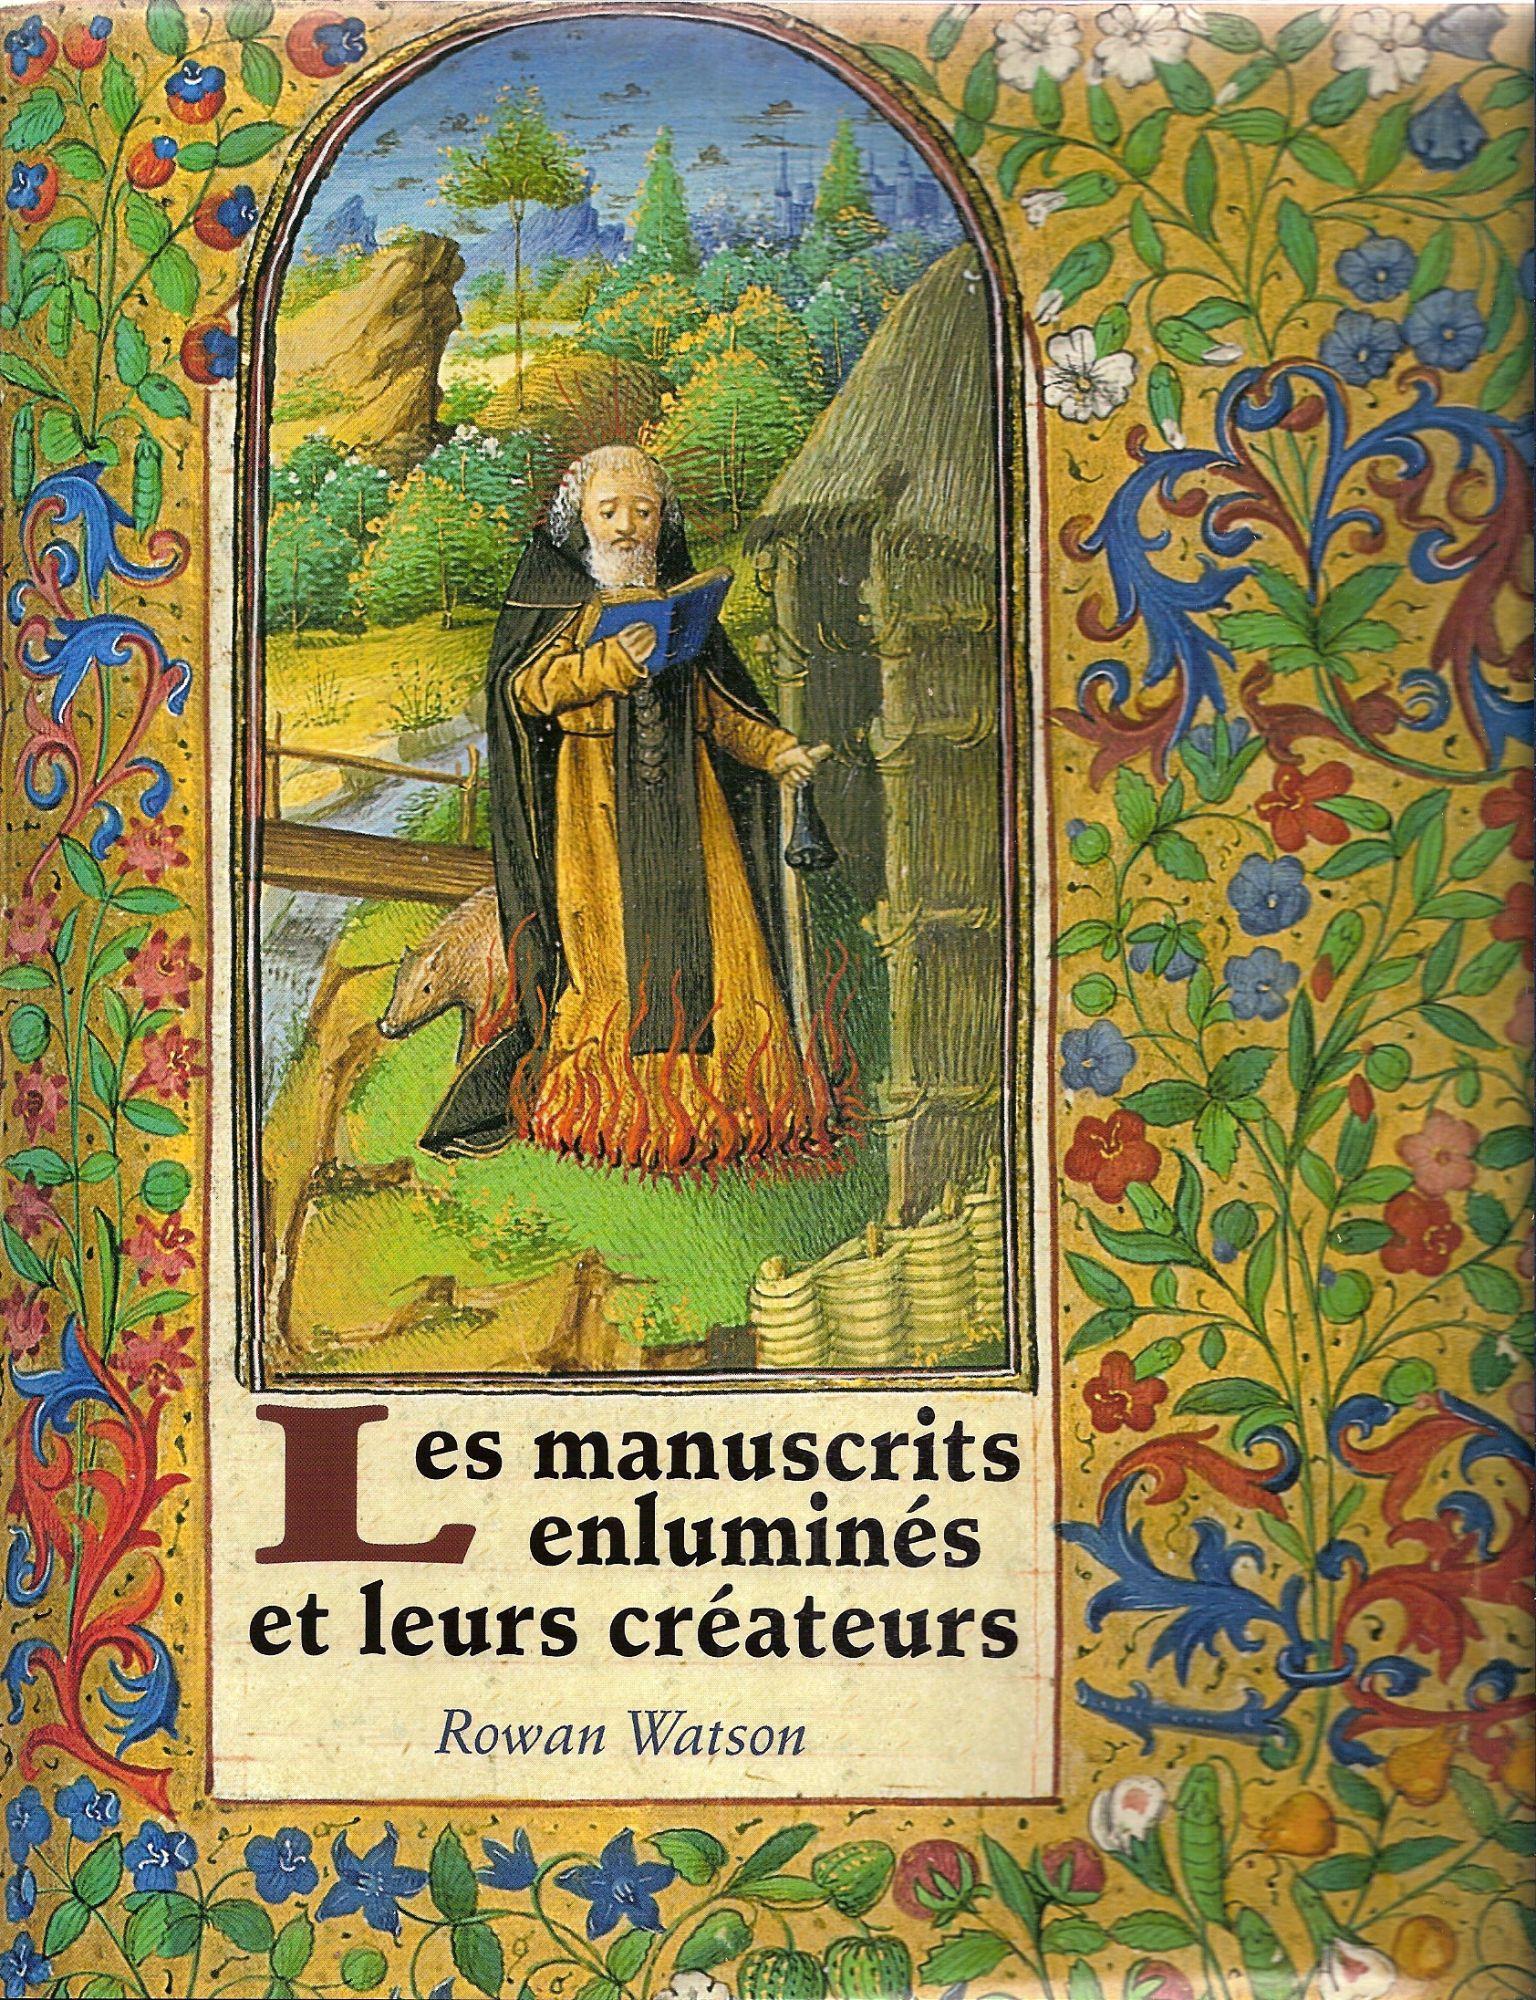 Les manuscrits enluminés et leurs créateurs - Le Grand Livre du Mois - 01/01/2009